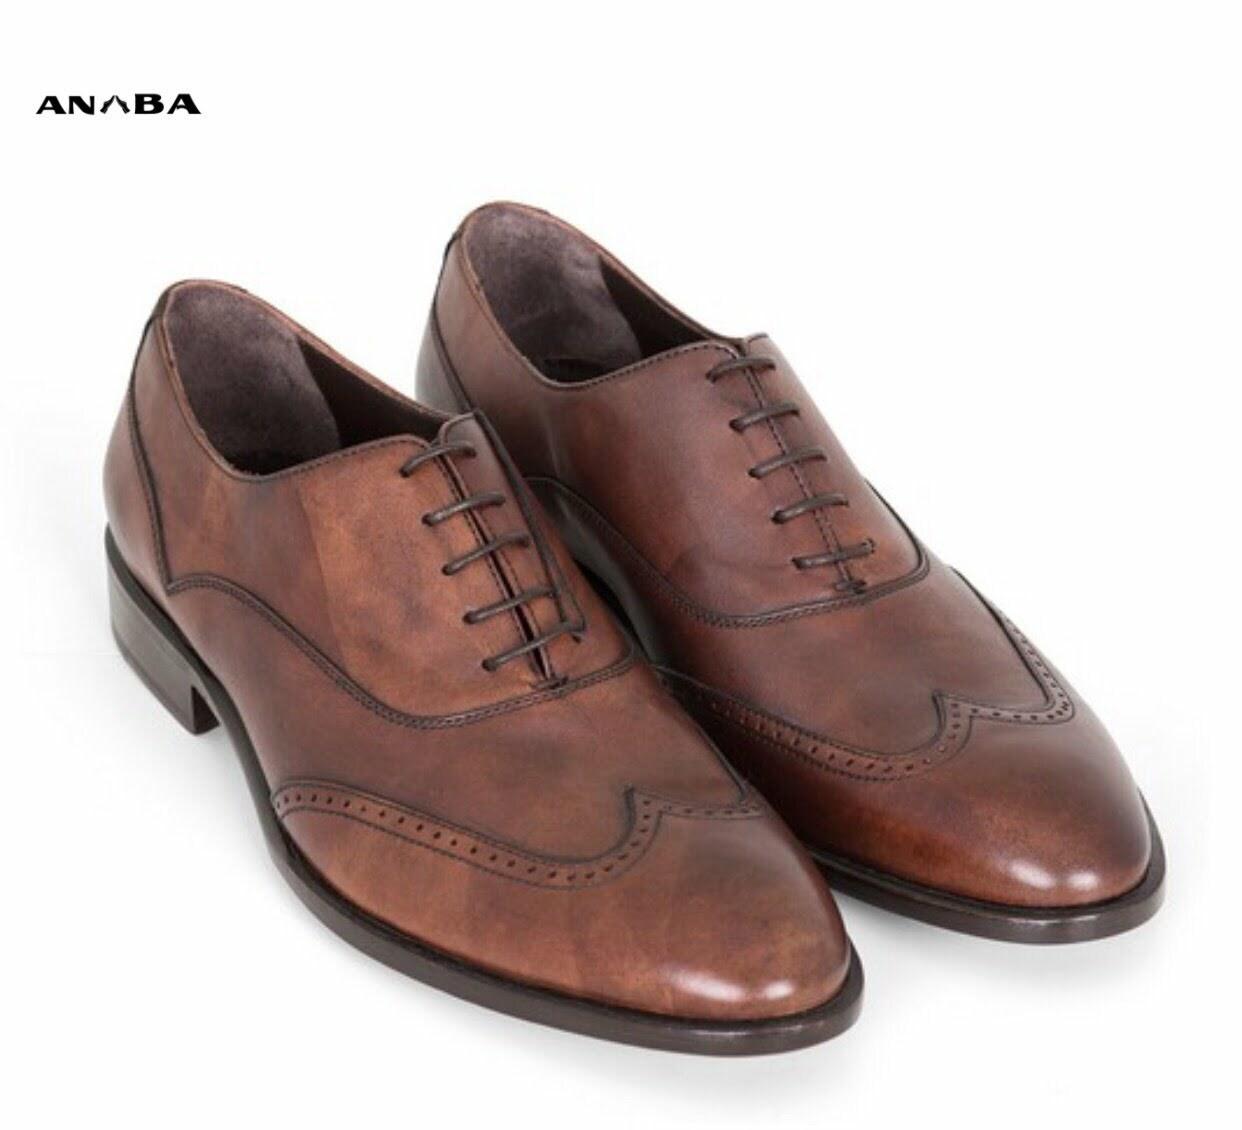 Giày da tổng hợp thường được sử dụng phổ biến với dân công sở